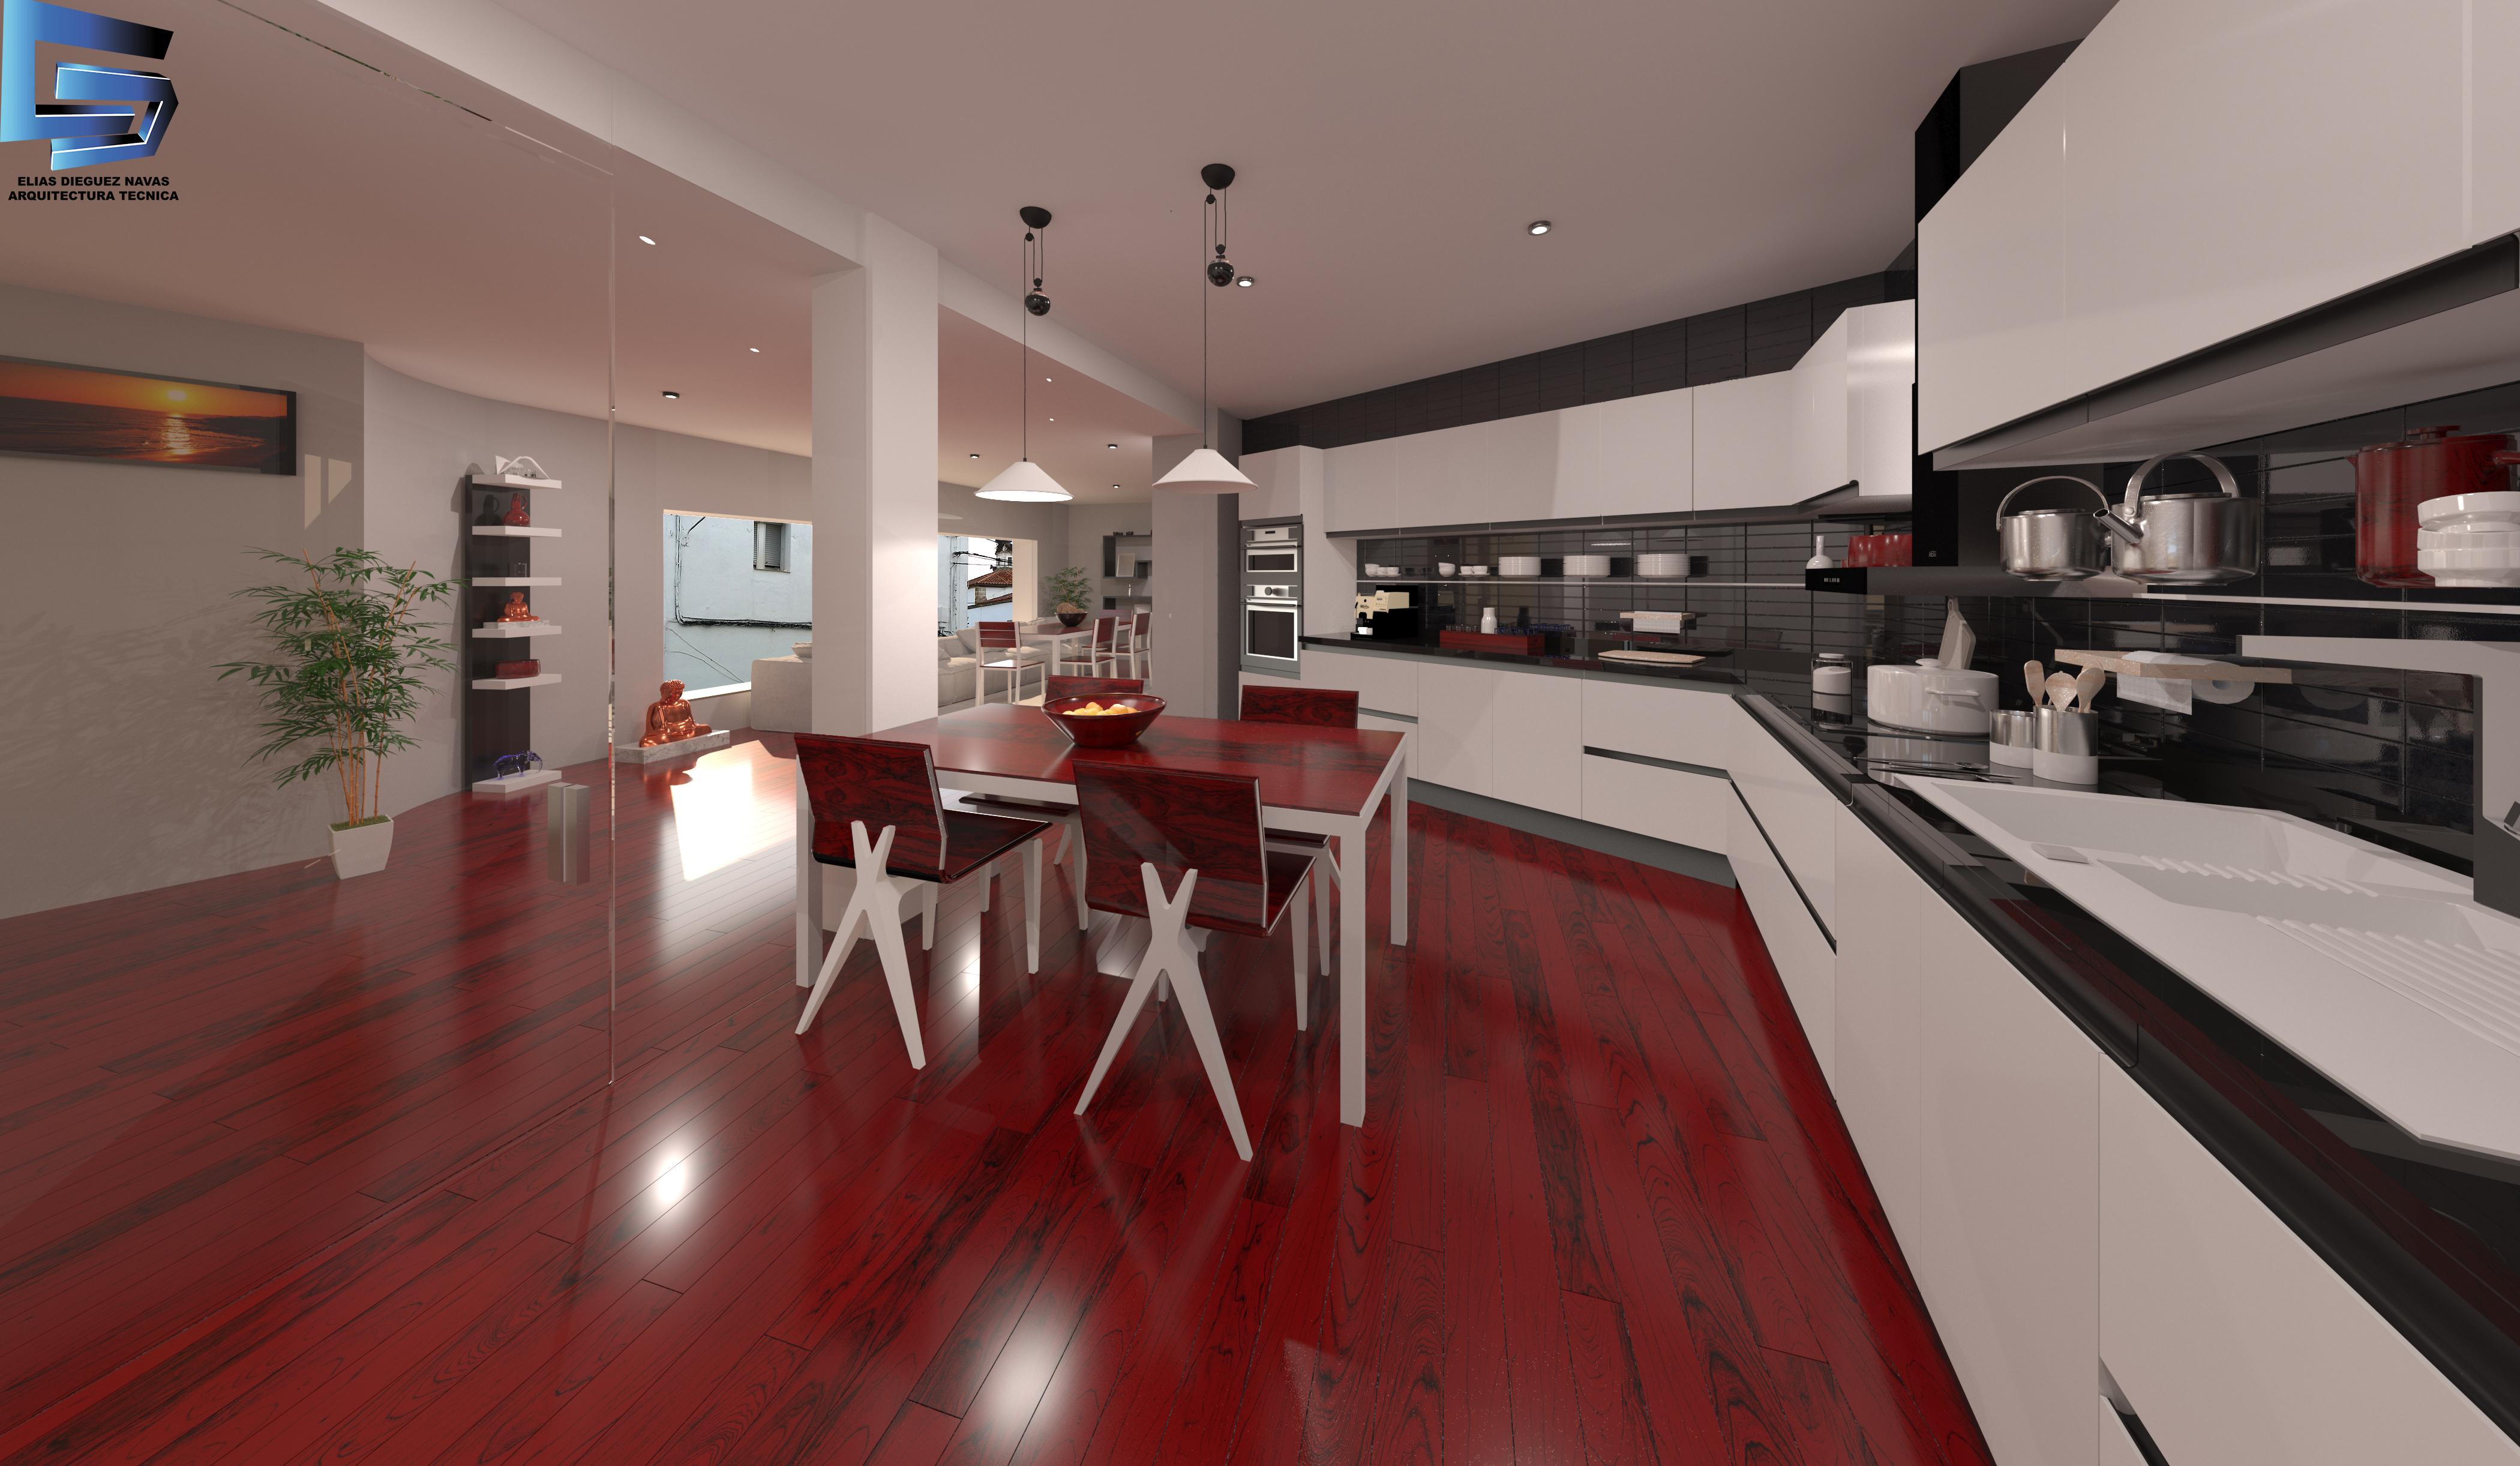 Infografía vivienda. Vista del interior de la cocina